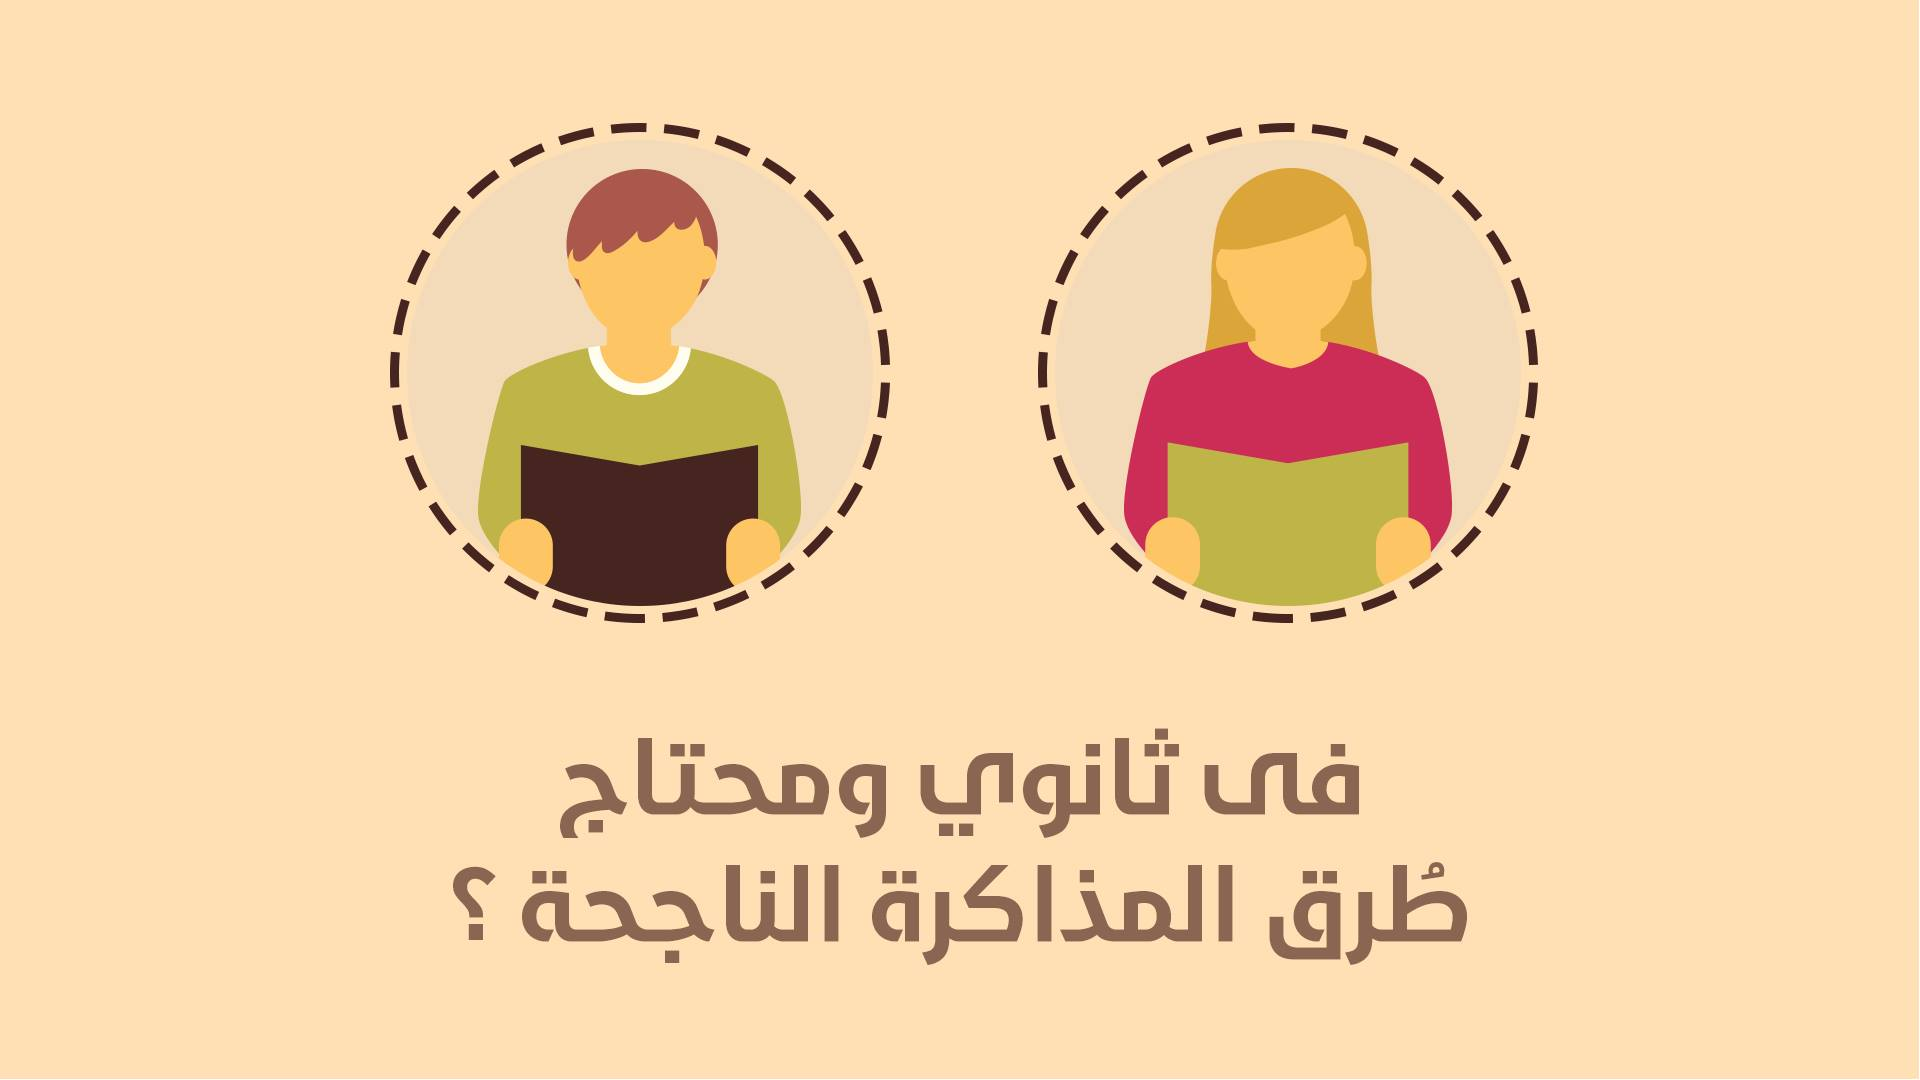 مش هتفوتك.. طرق ناجحة للمذاكرة قبل الامتحان (فيديو)